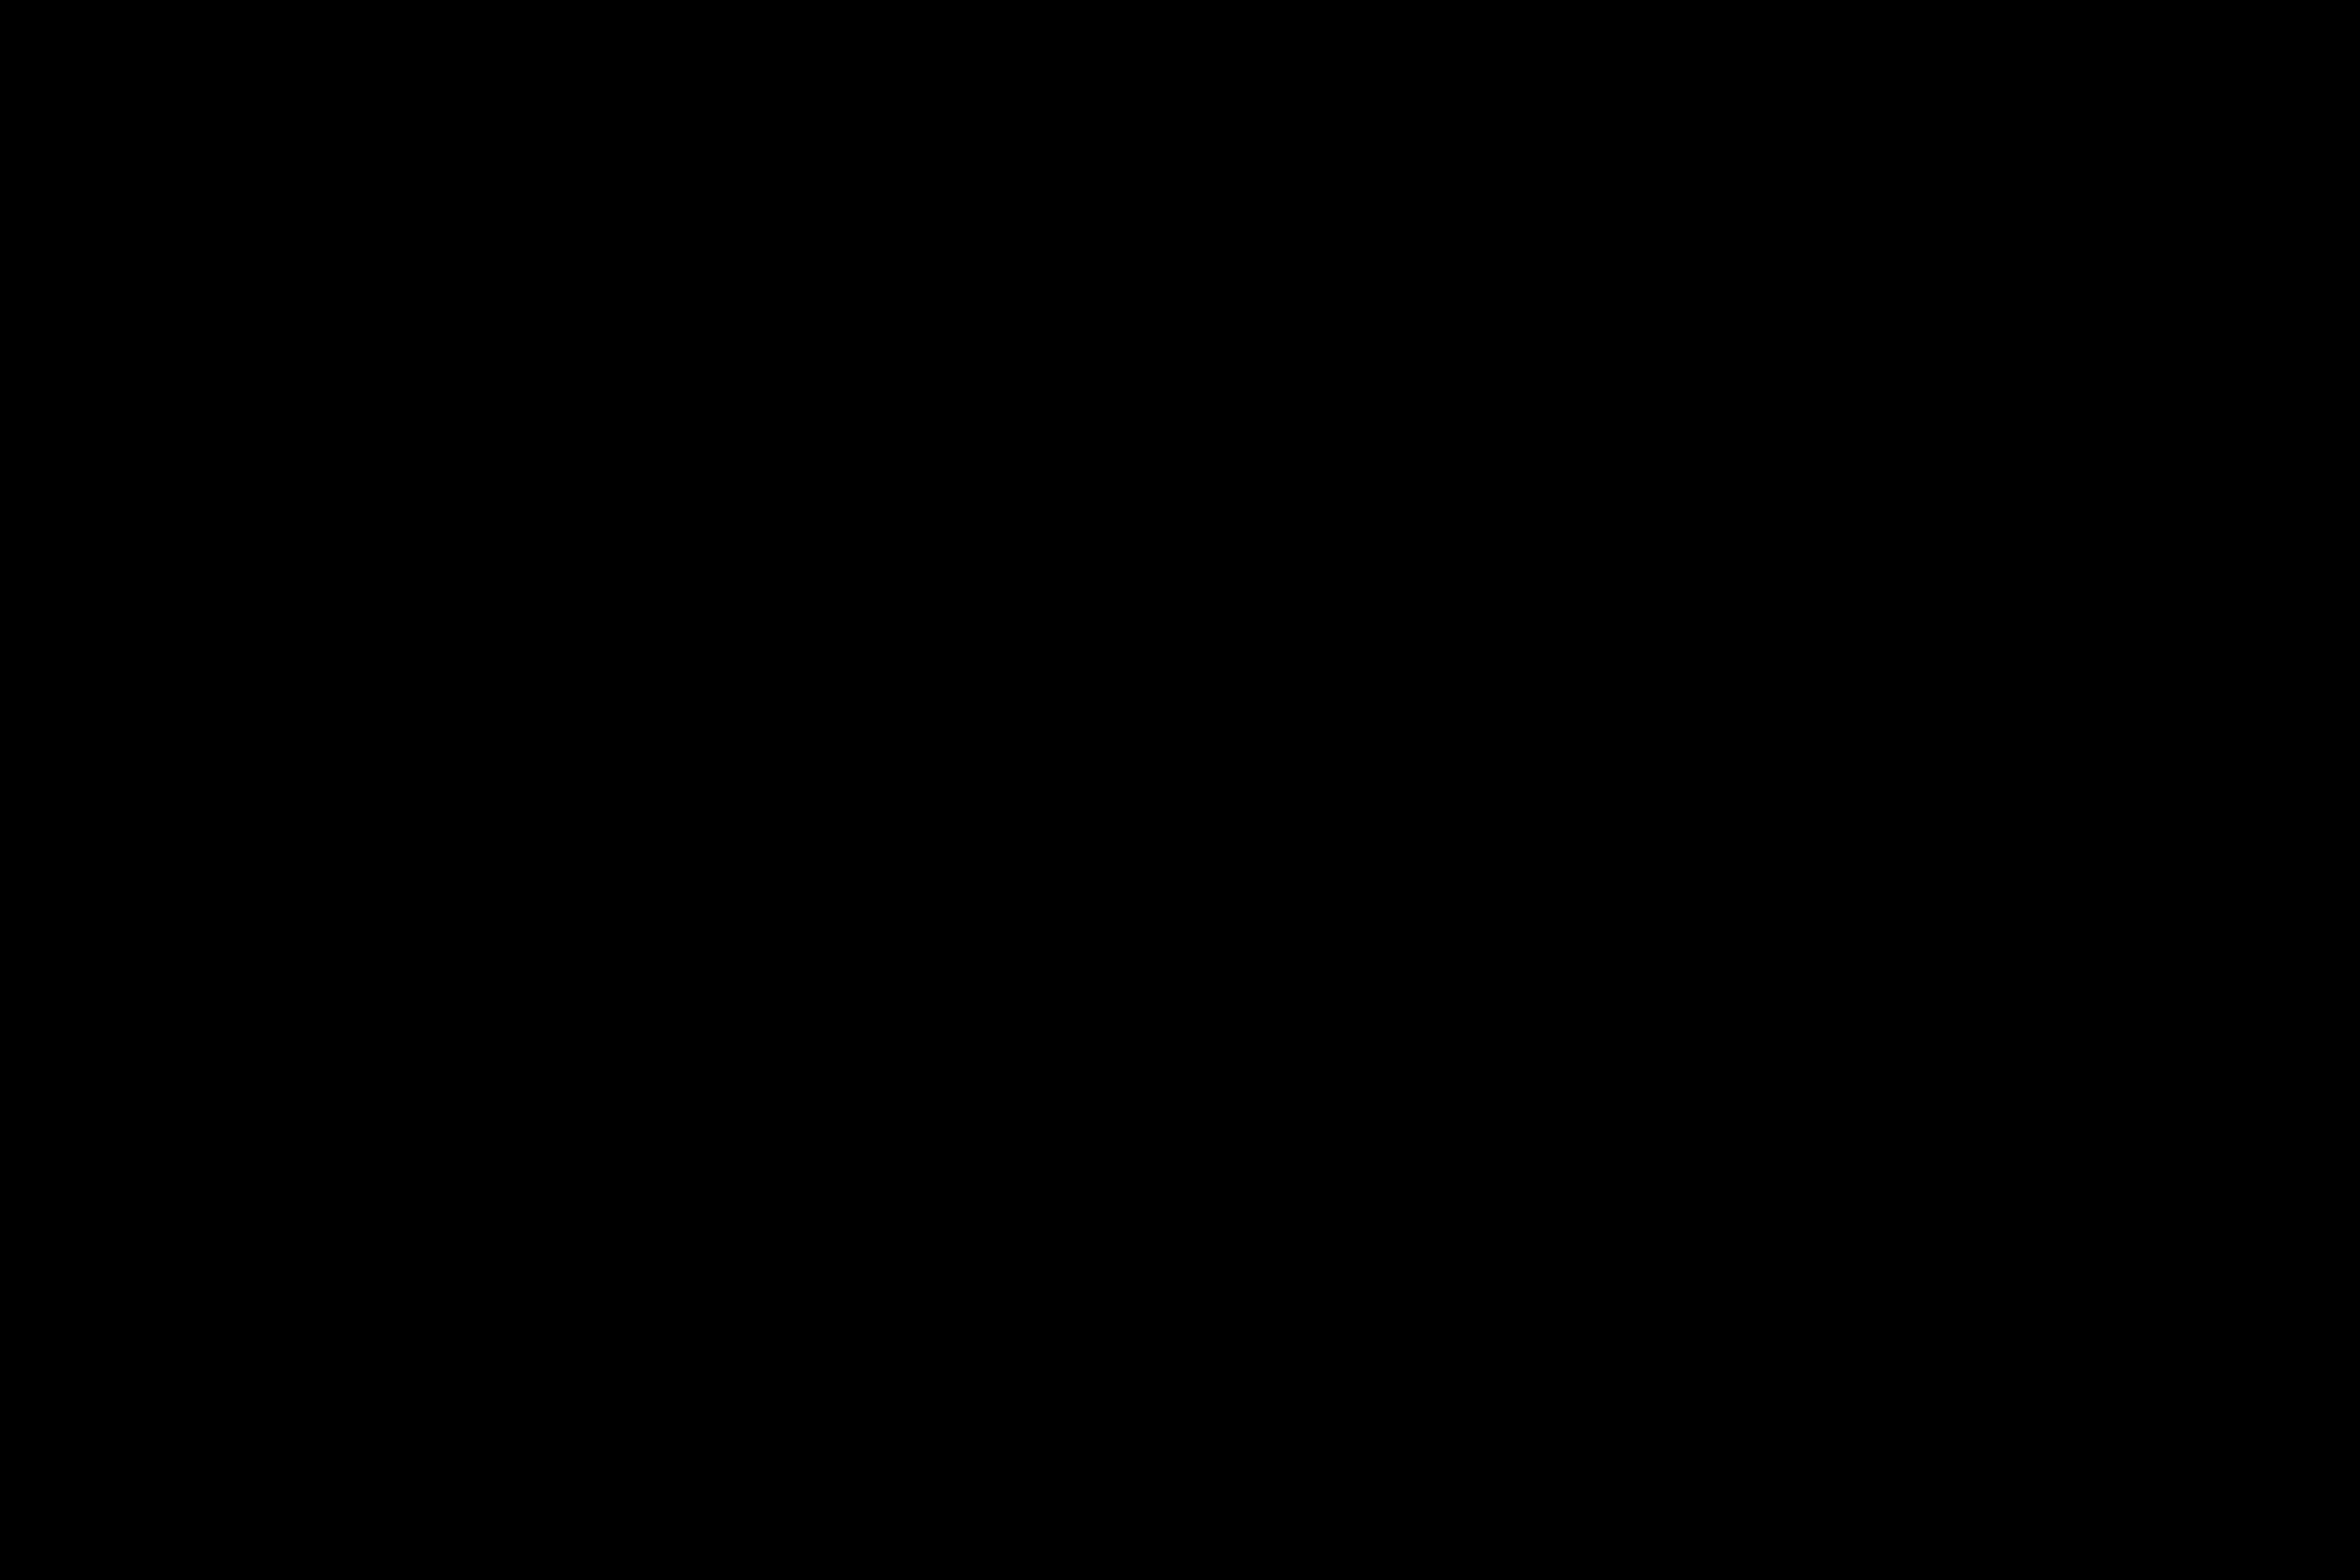 WPJ564